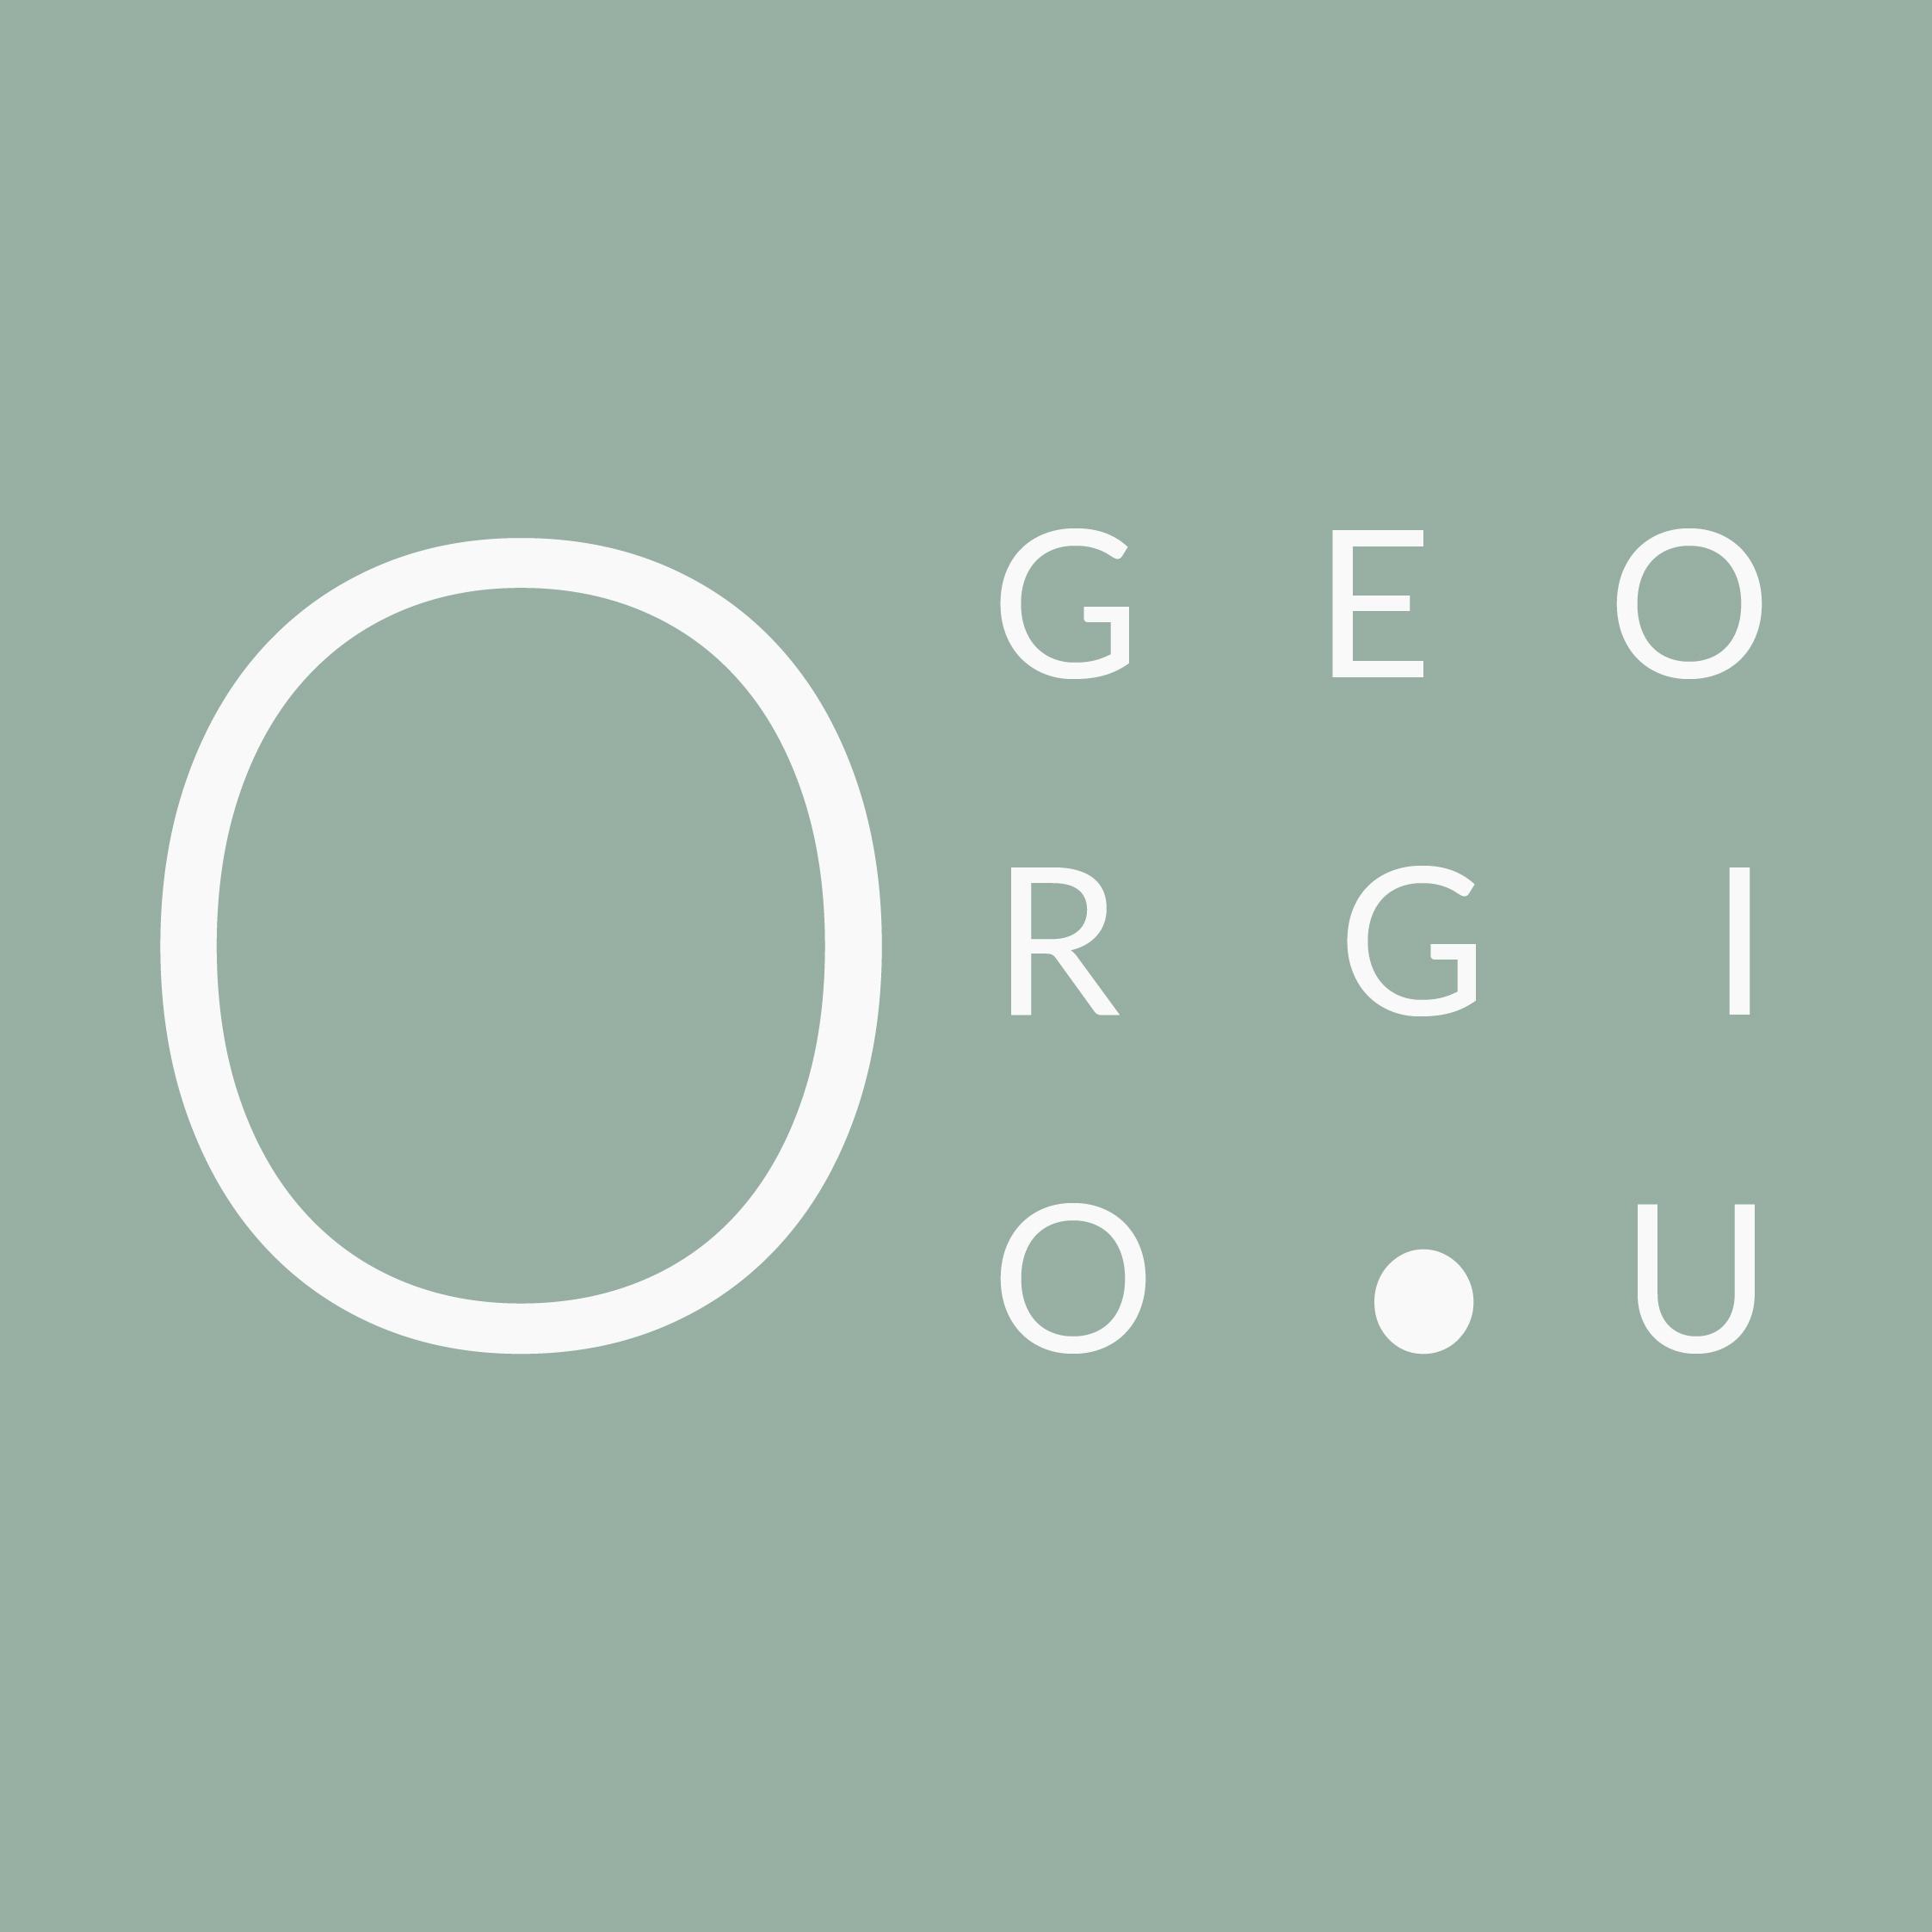 logo-design-entrepreneurs